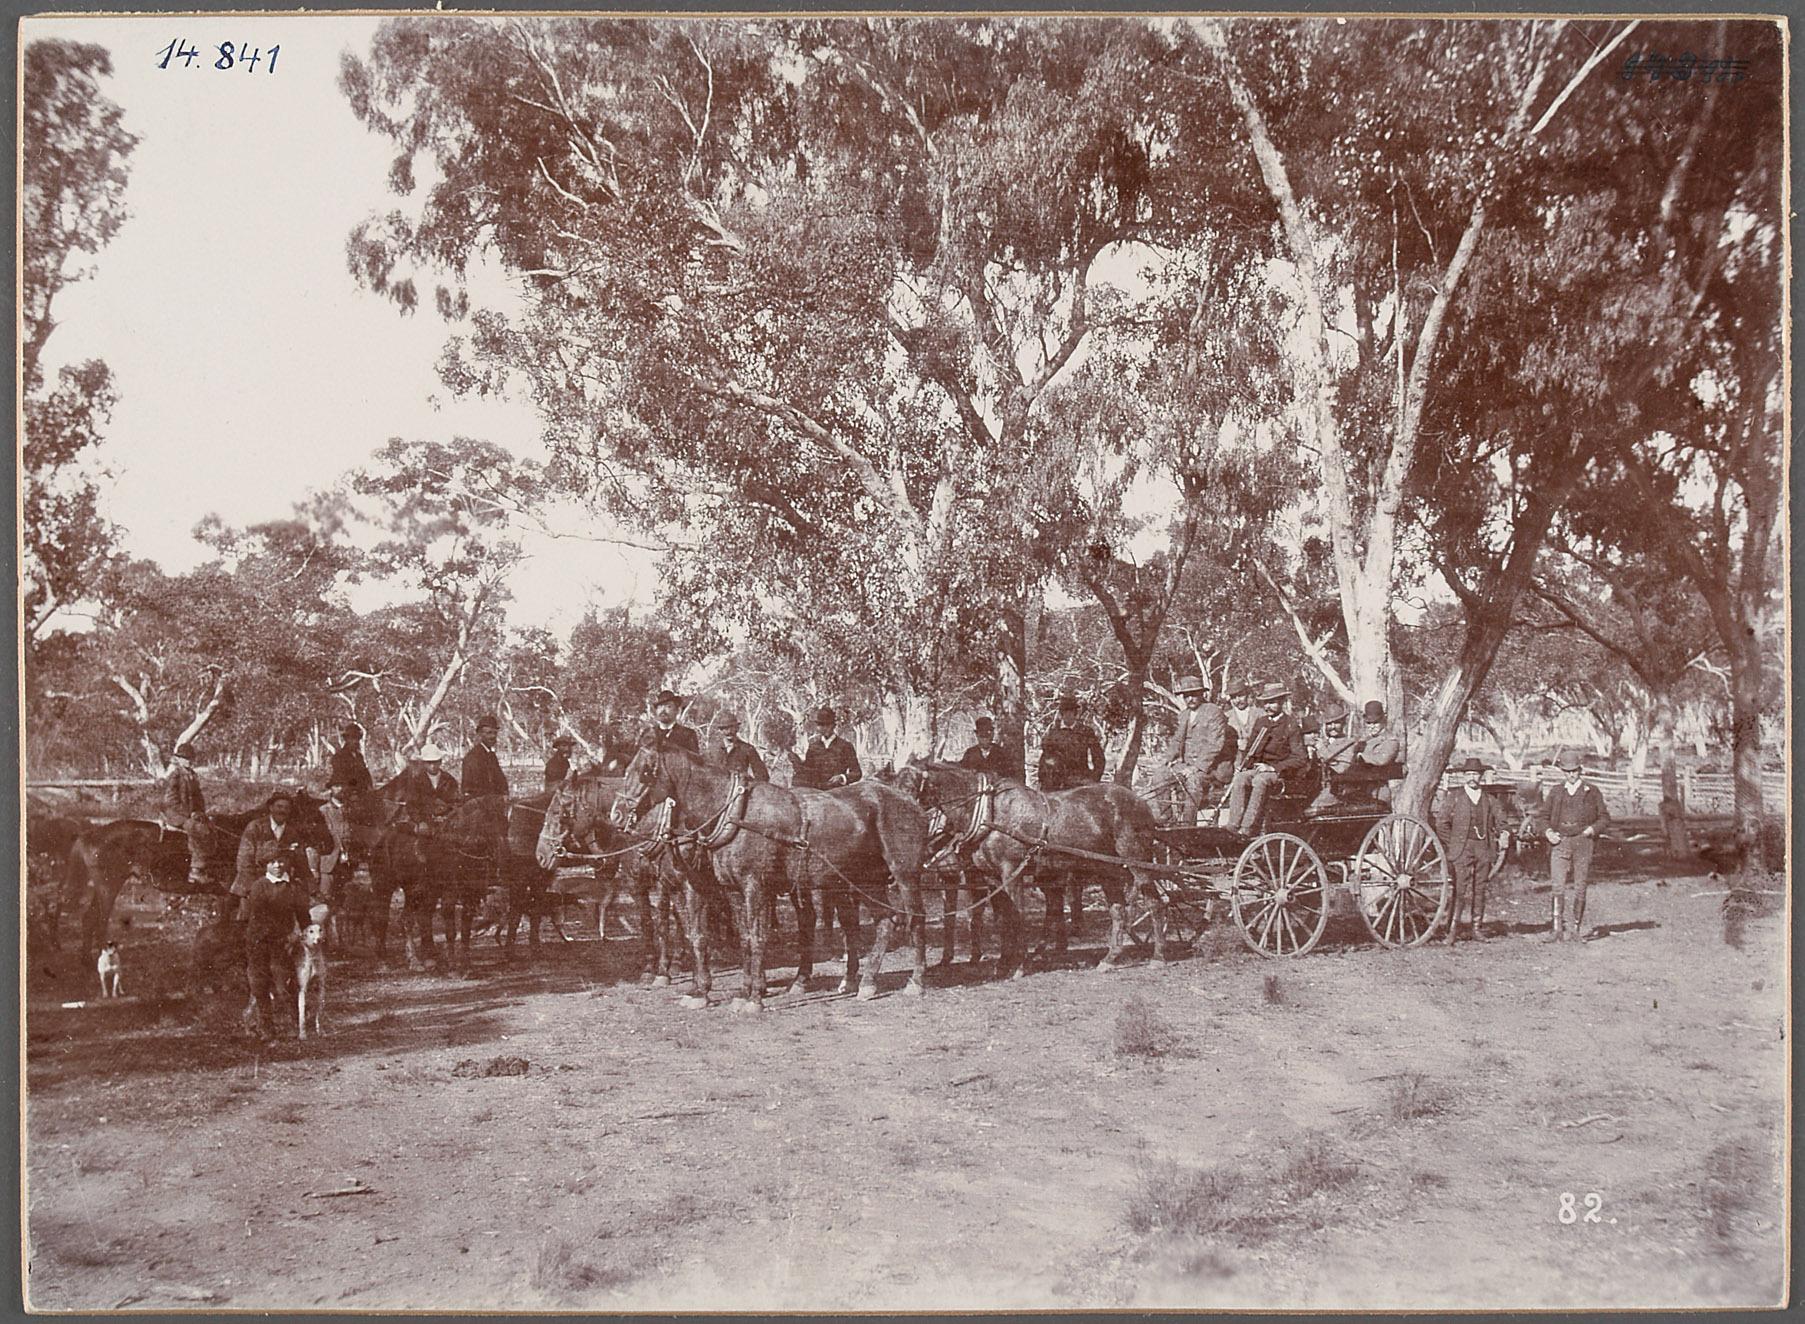 """Australien, Naramine, """"Jongall Janck"""". 18.V.1893 [Narromine] von Eduard Hodek jun."""